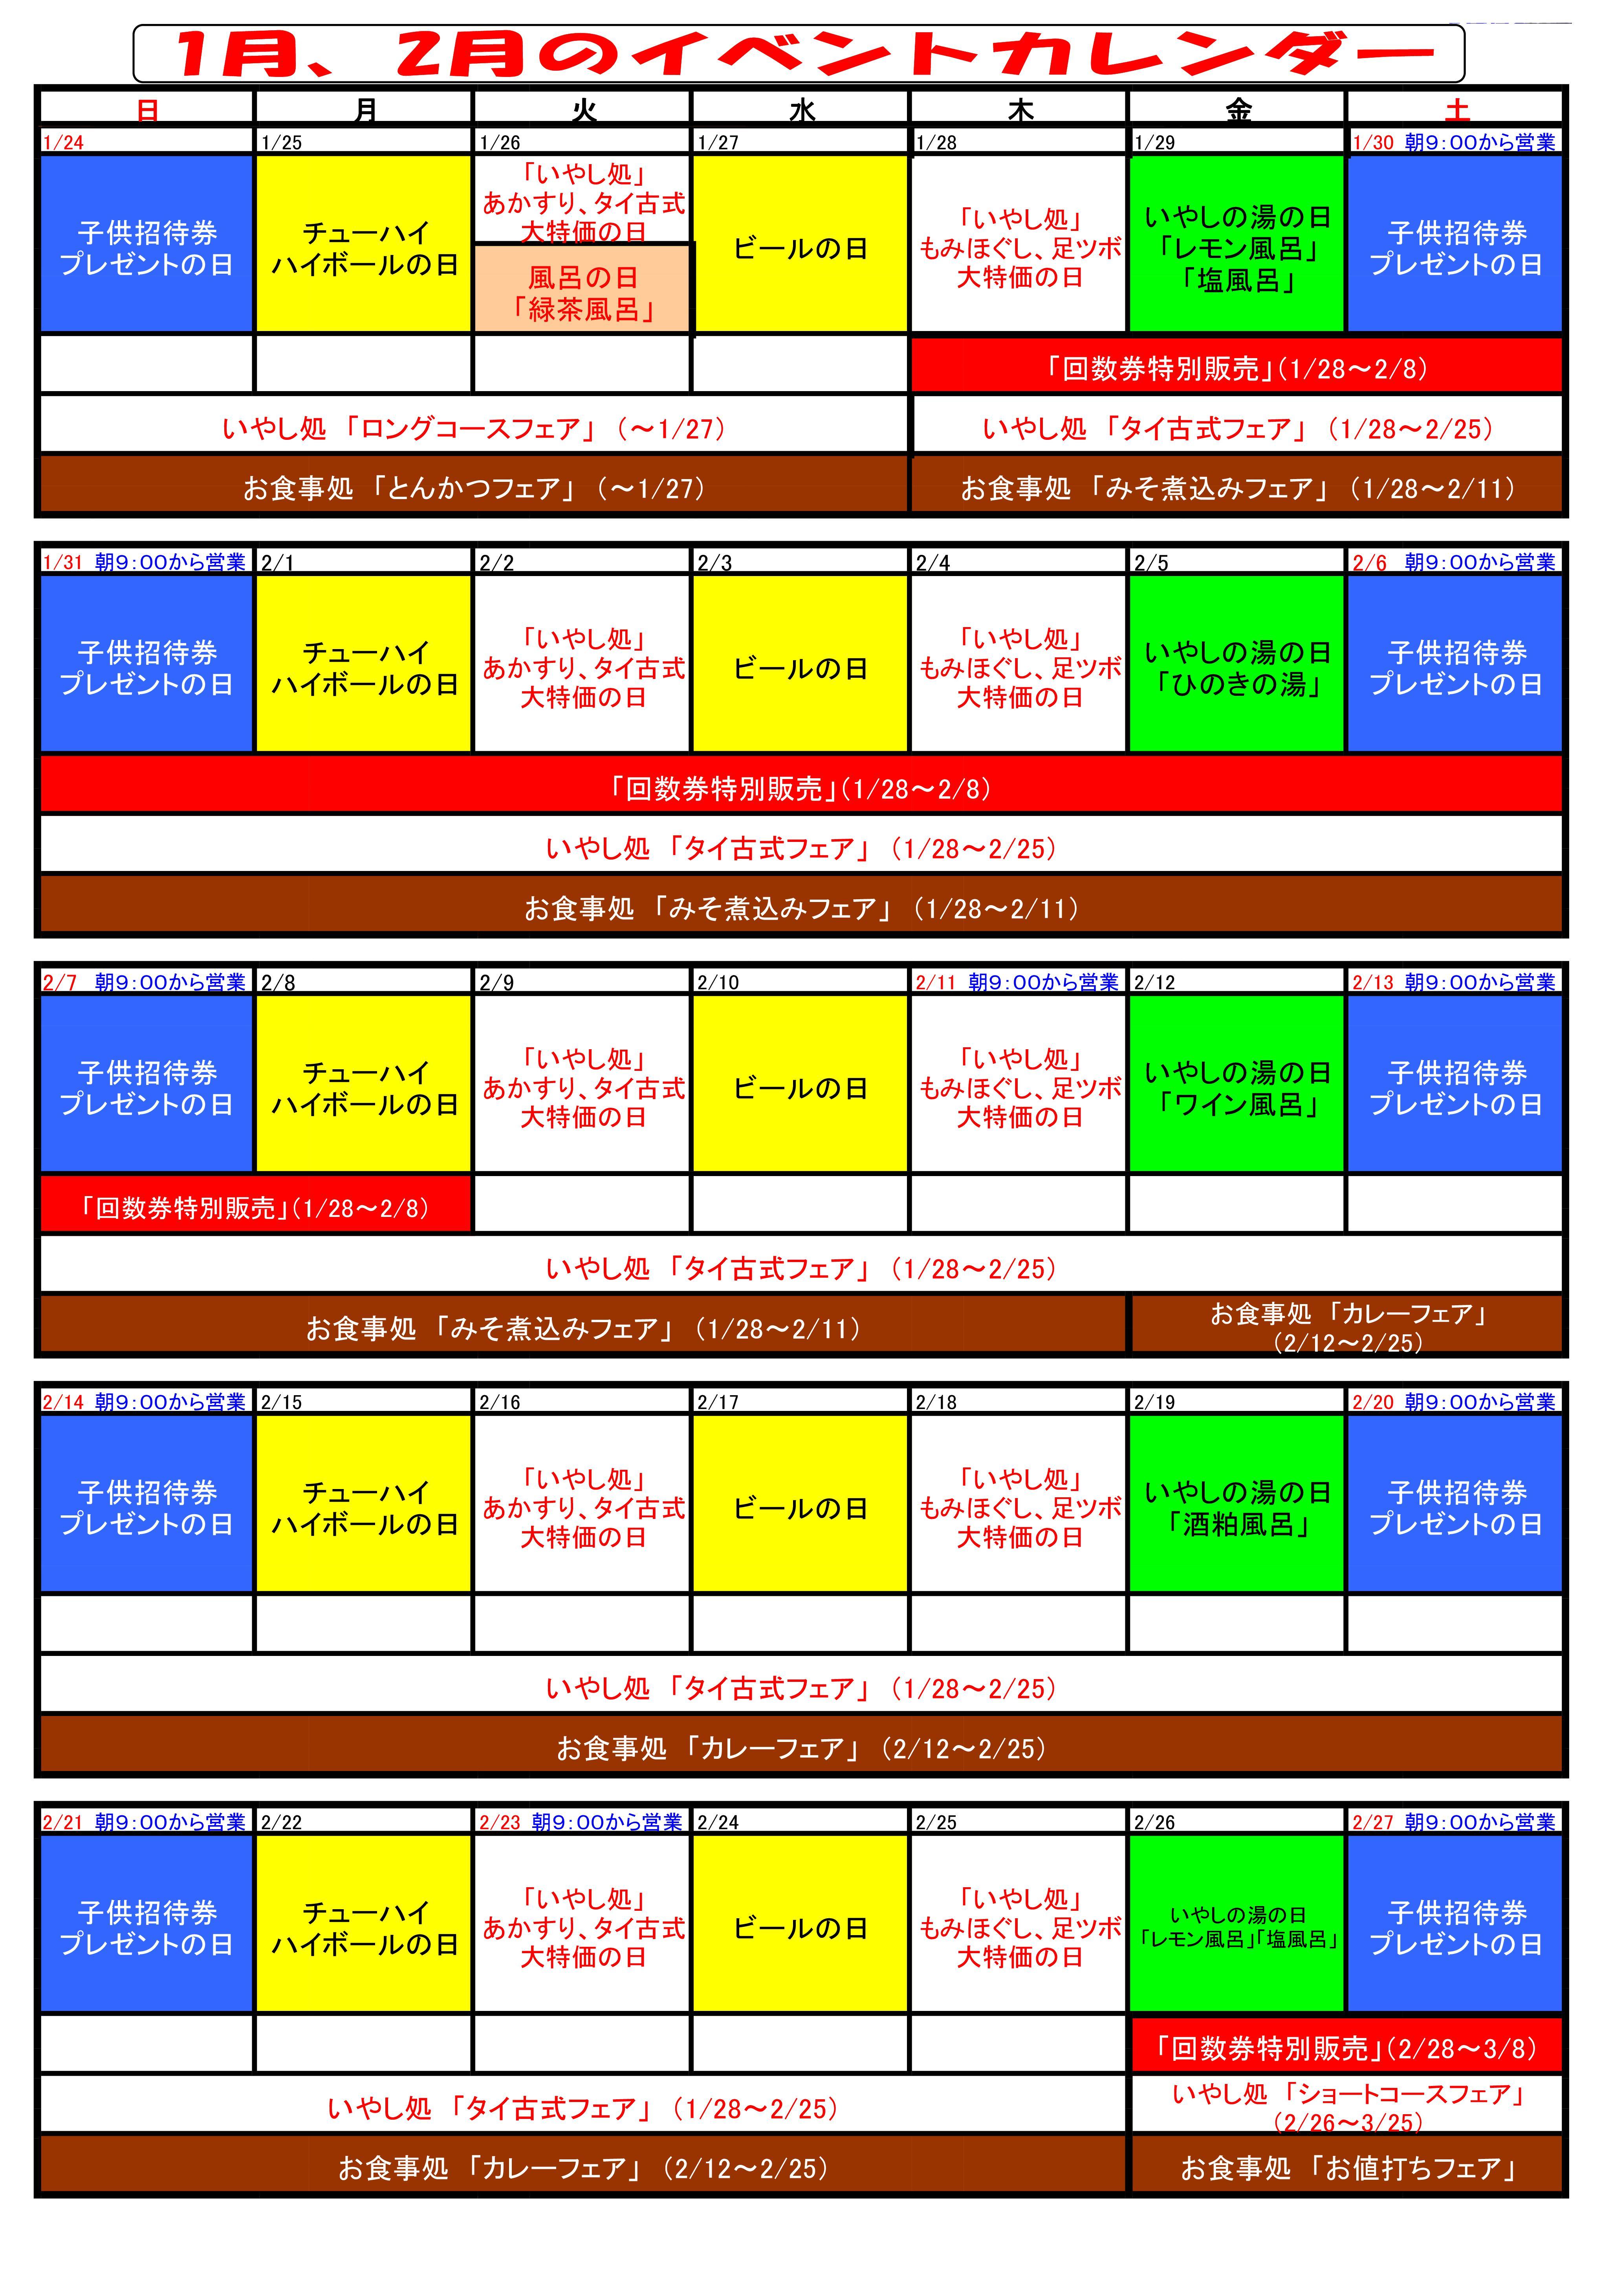 イベントカレンダーR3